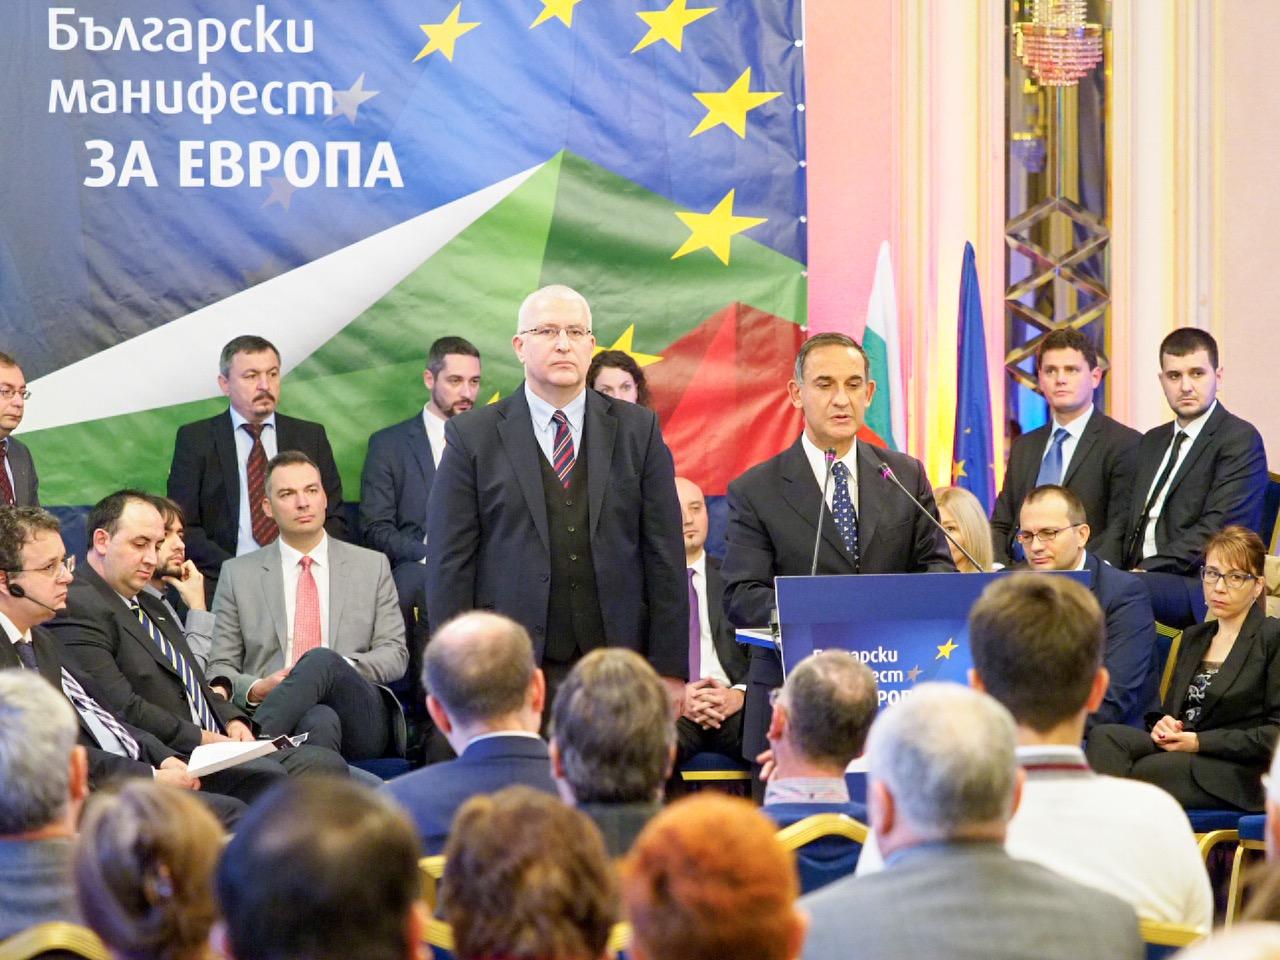 Български манифест за Европа